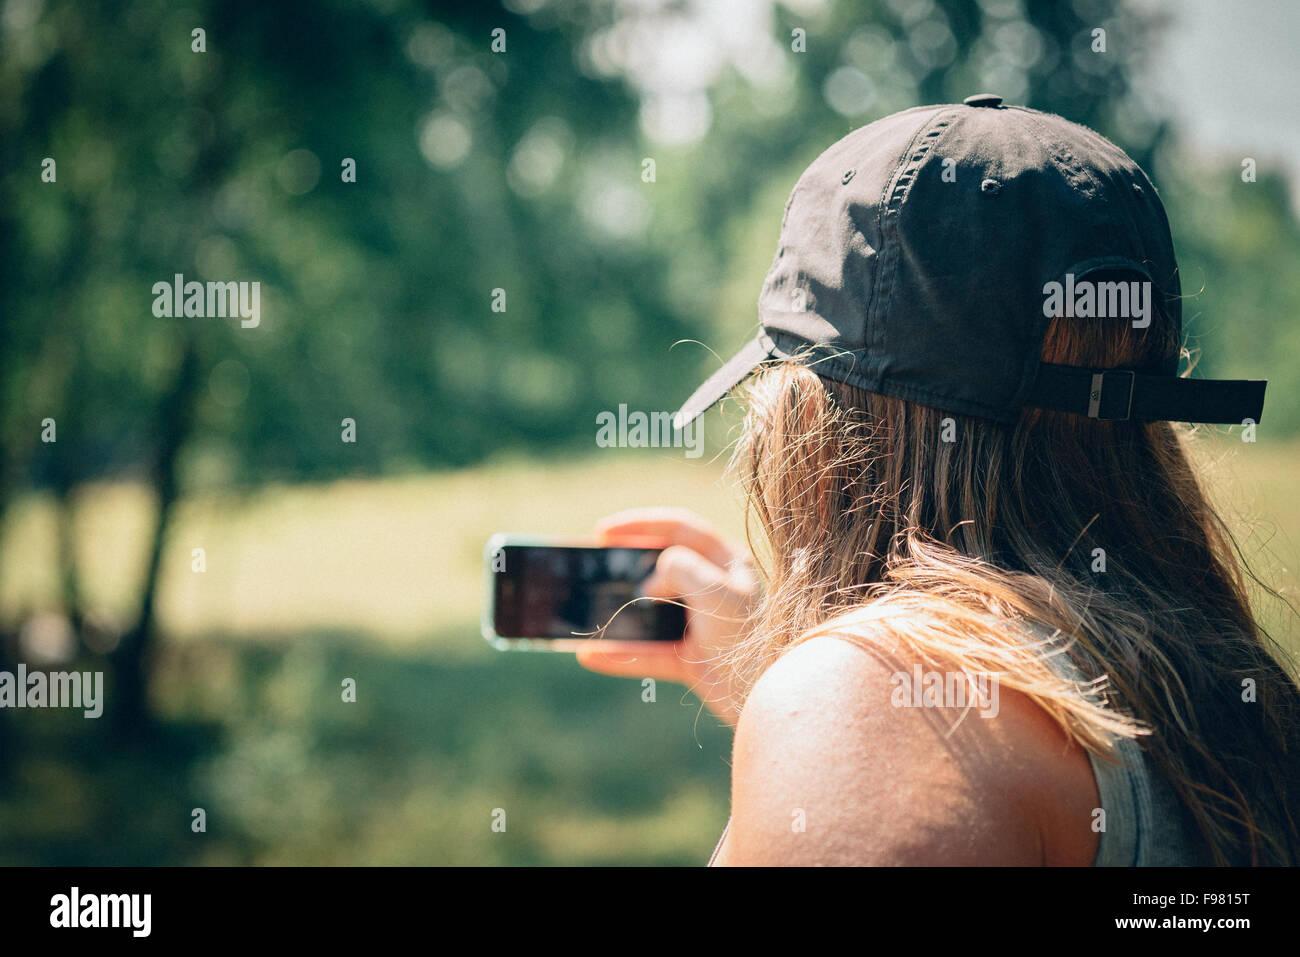 Vue arrière de l'homme en cliquant sur l'extérieur Selfies Photo Stock